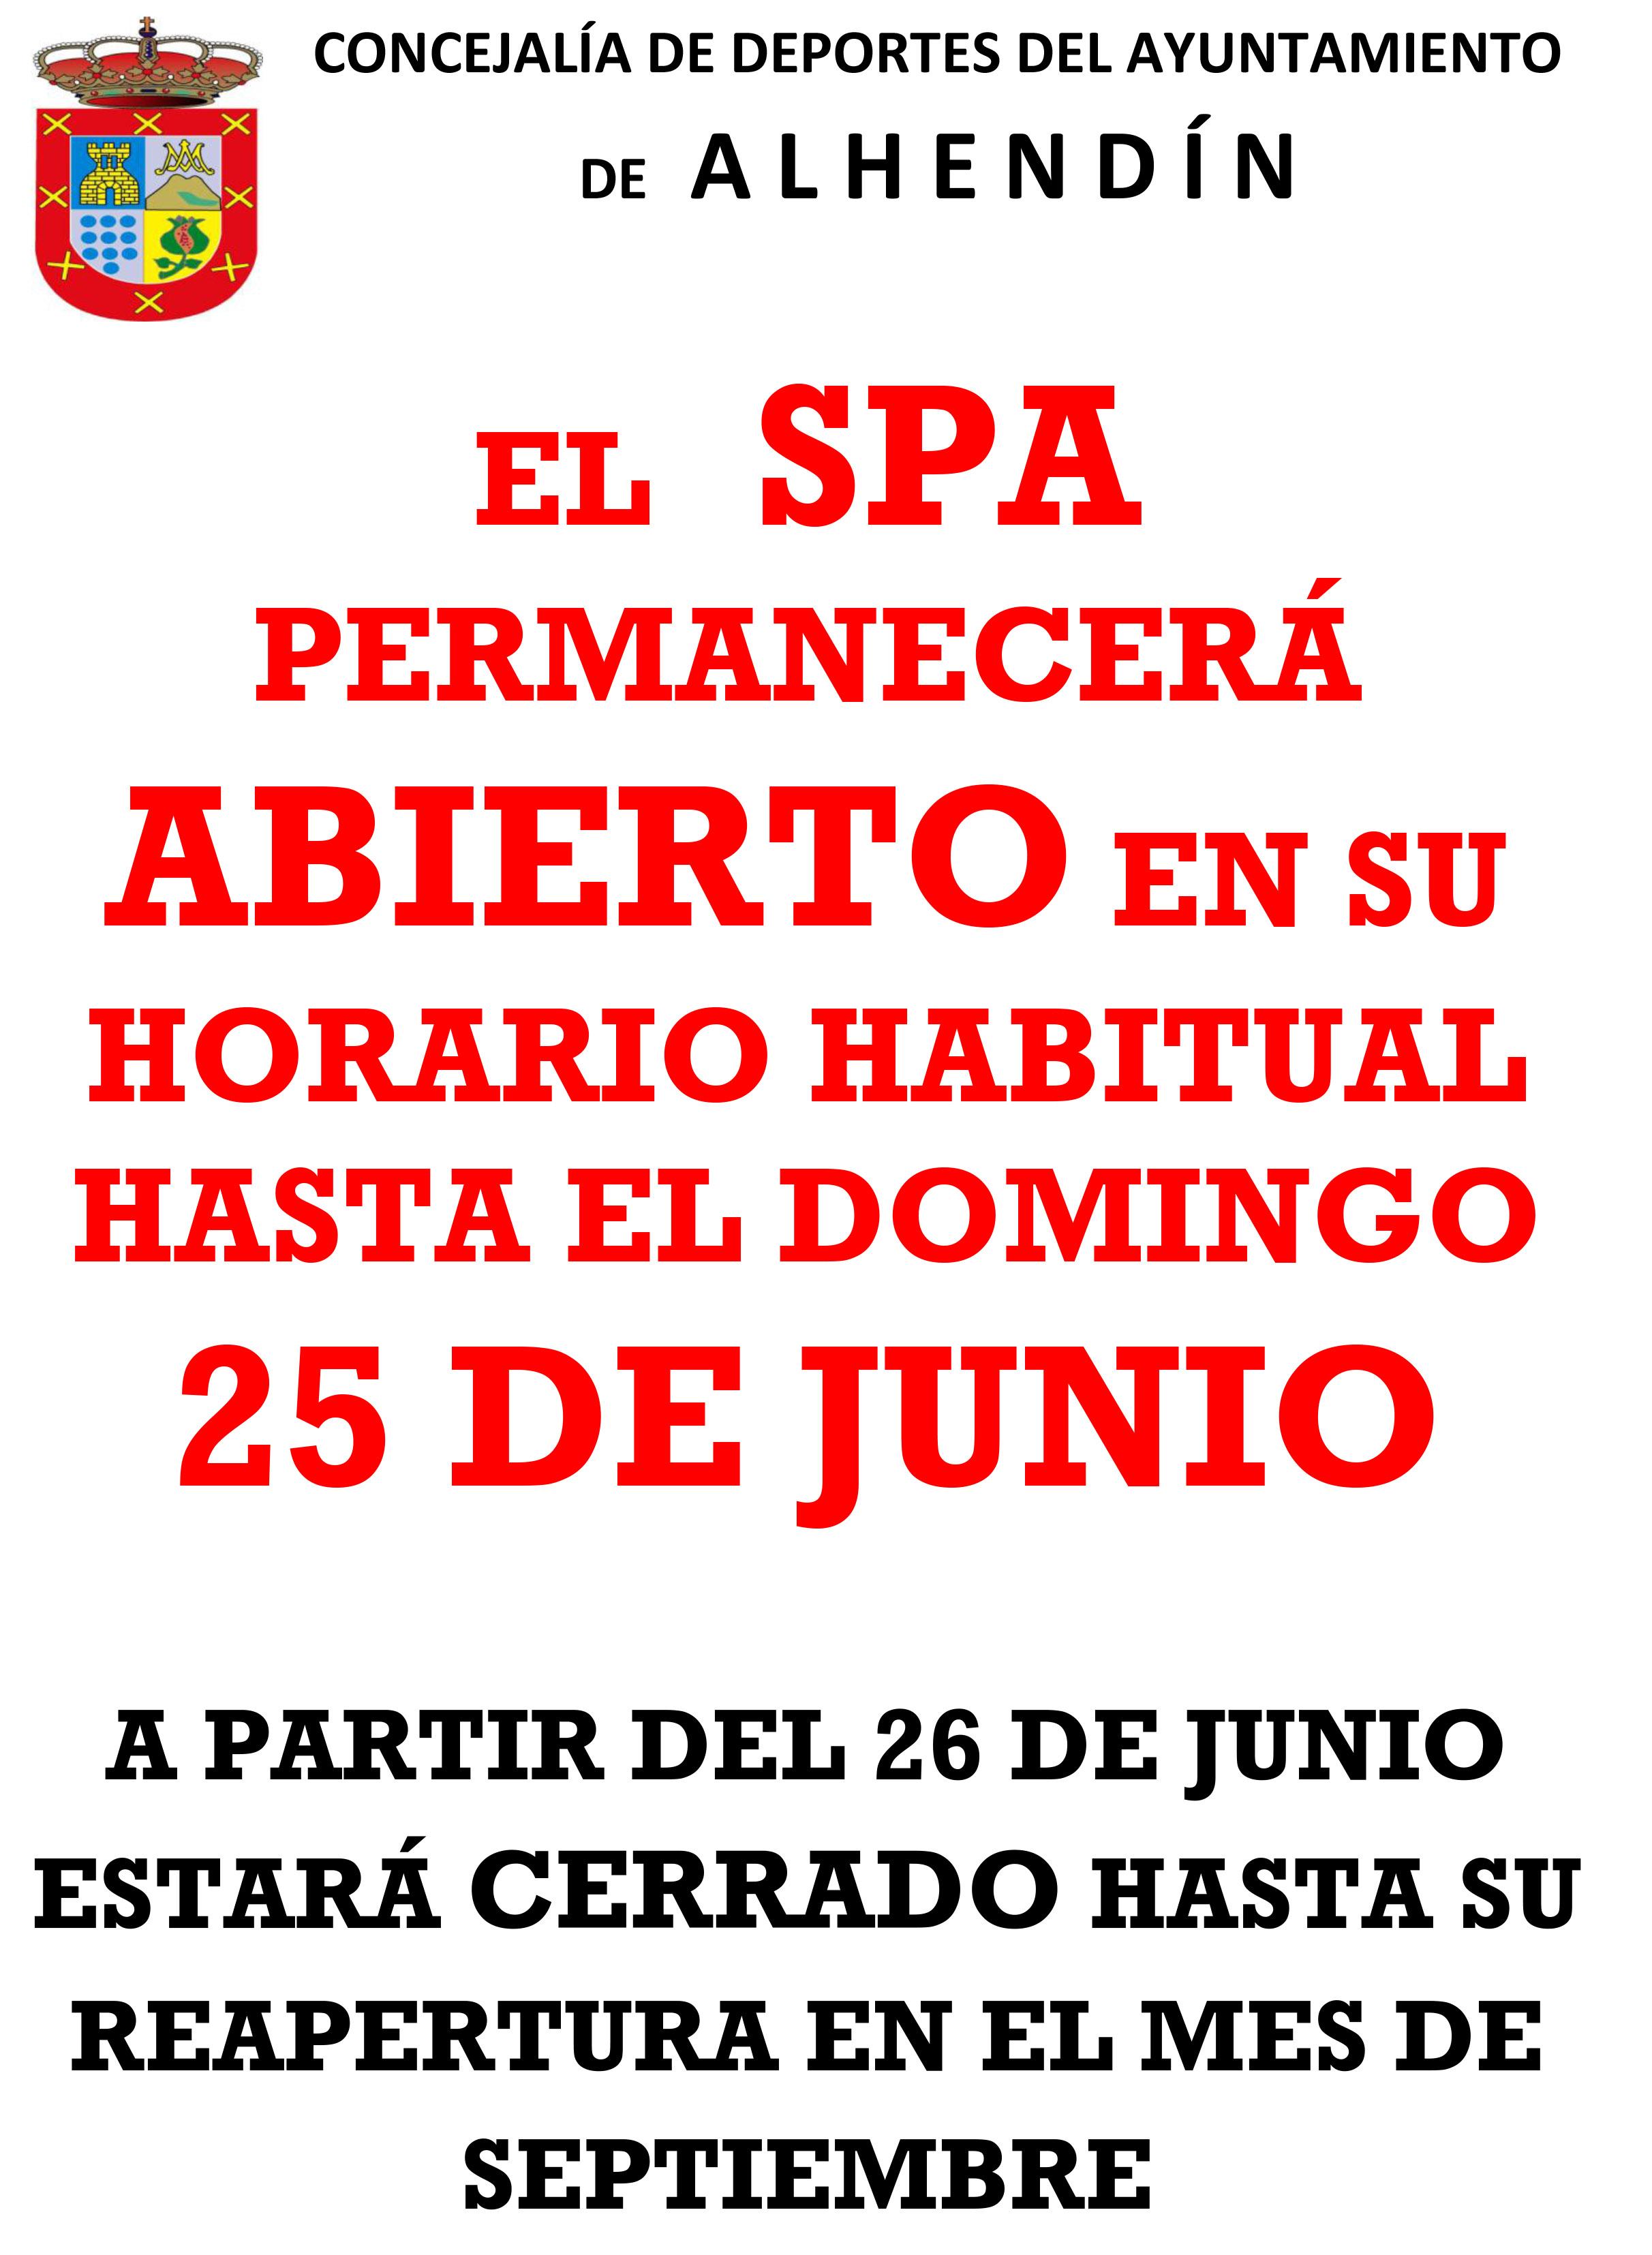 CARTEL-CIERRE-SPA-JUNIO